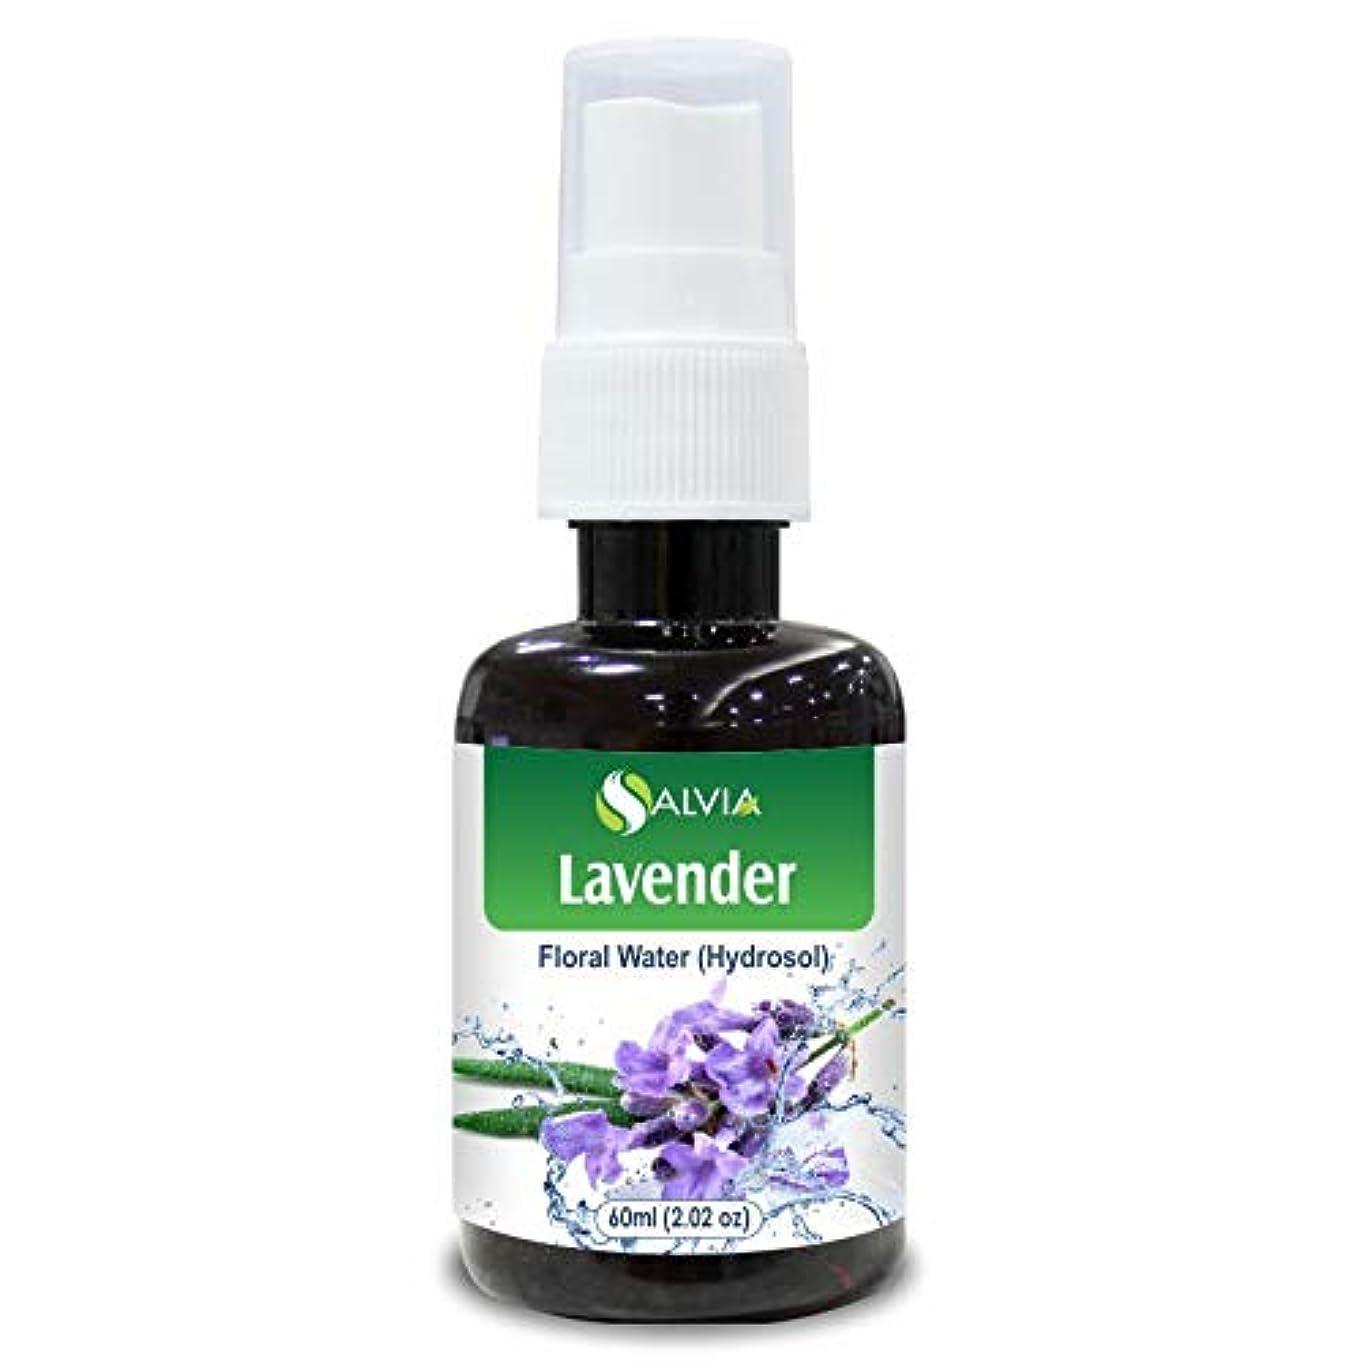 喉頭暴力的な課税Lavender Floral Water 60ml (Hydrosol) 100% Pure And Natural